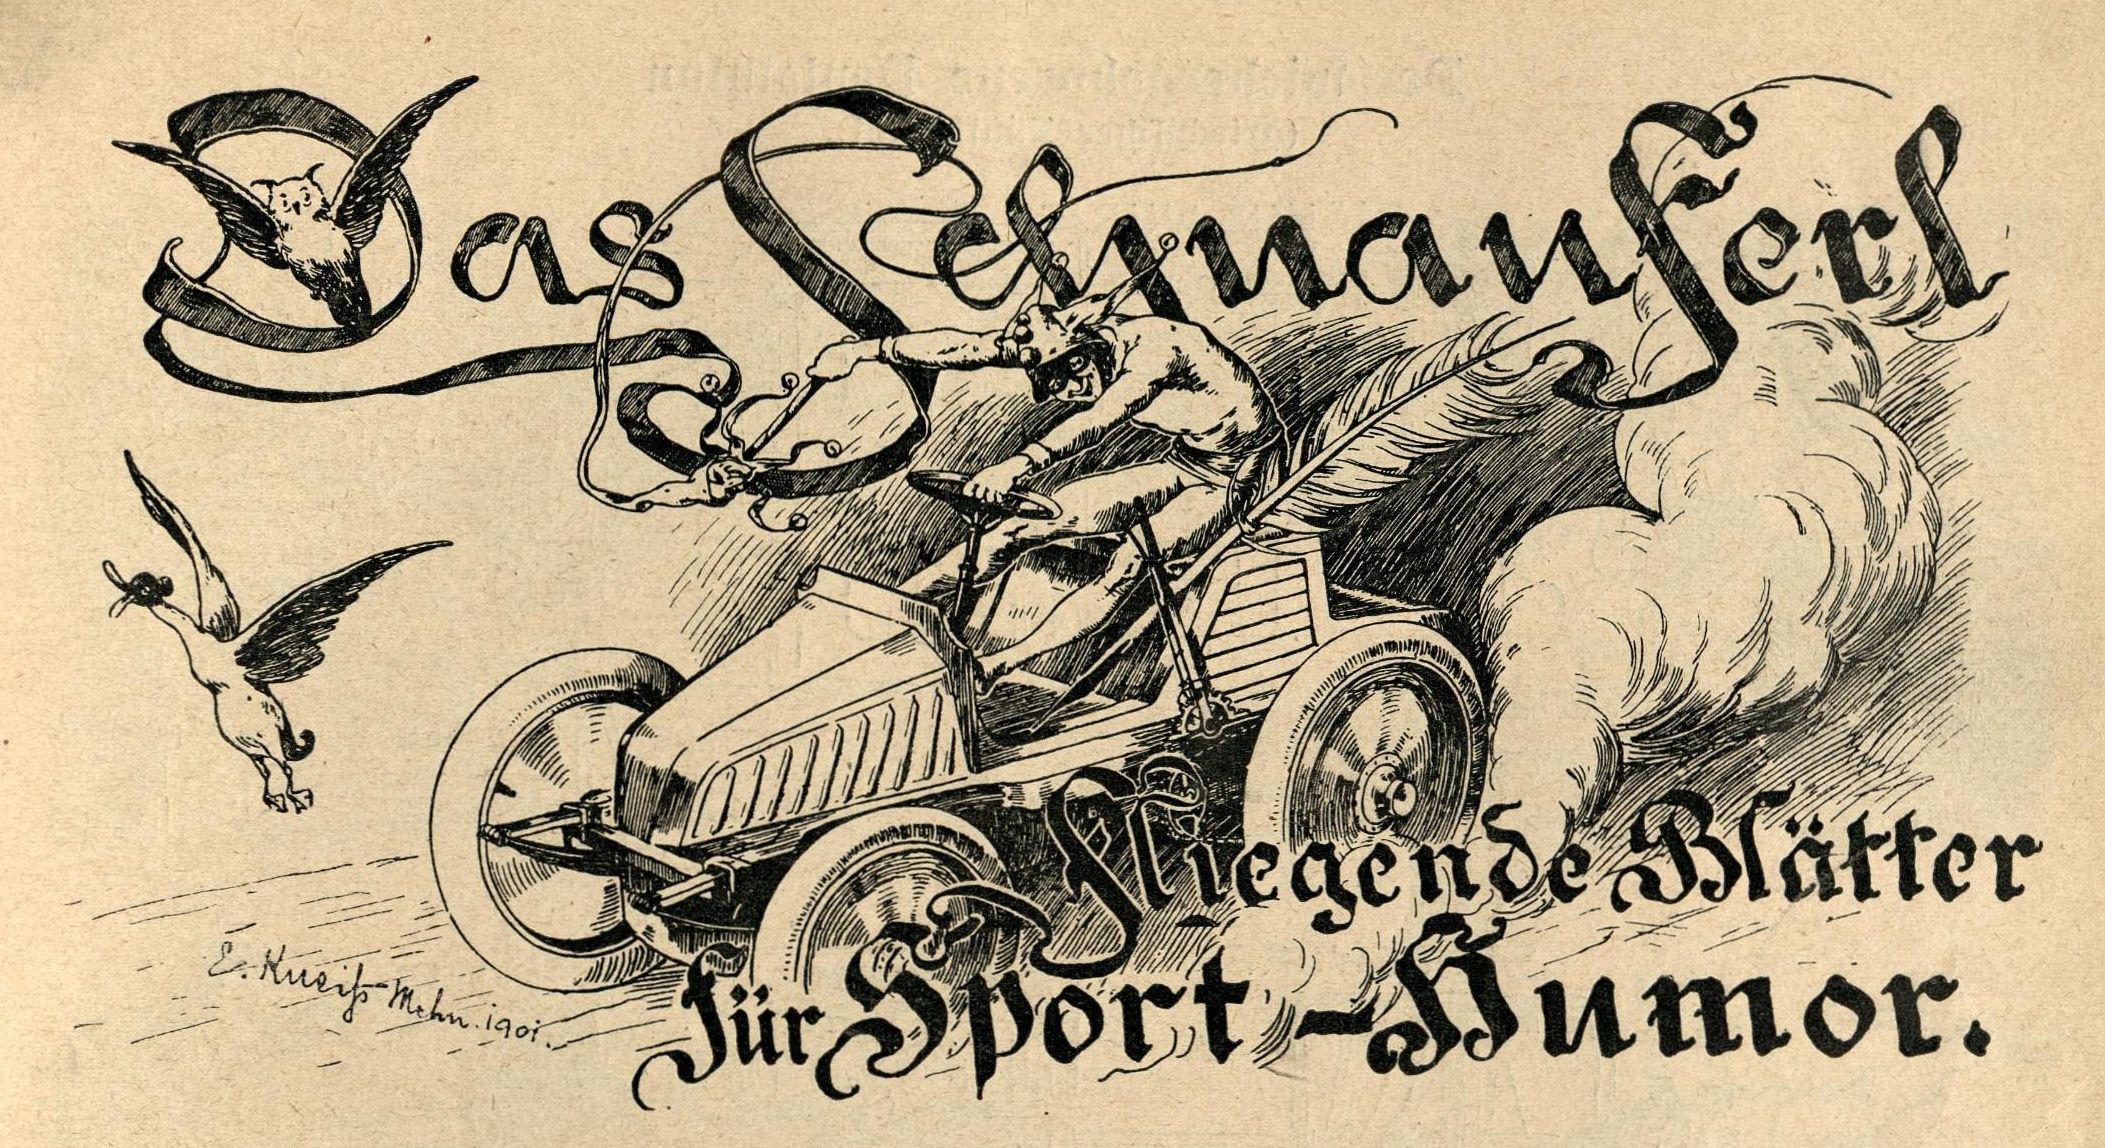 Bild: Das Schnauferl, fliegende Blätter für Sport-Humor